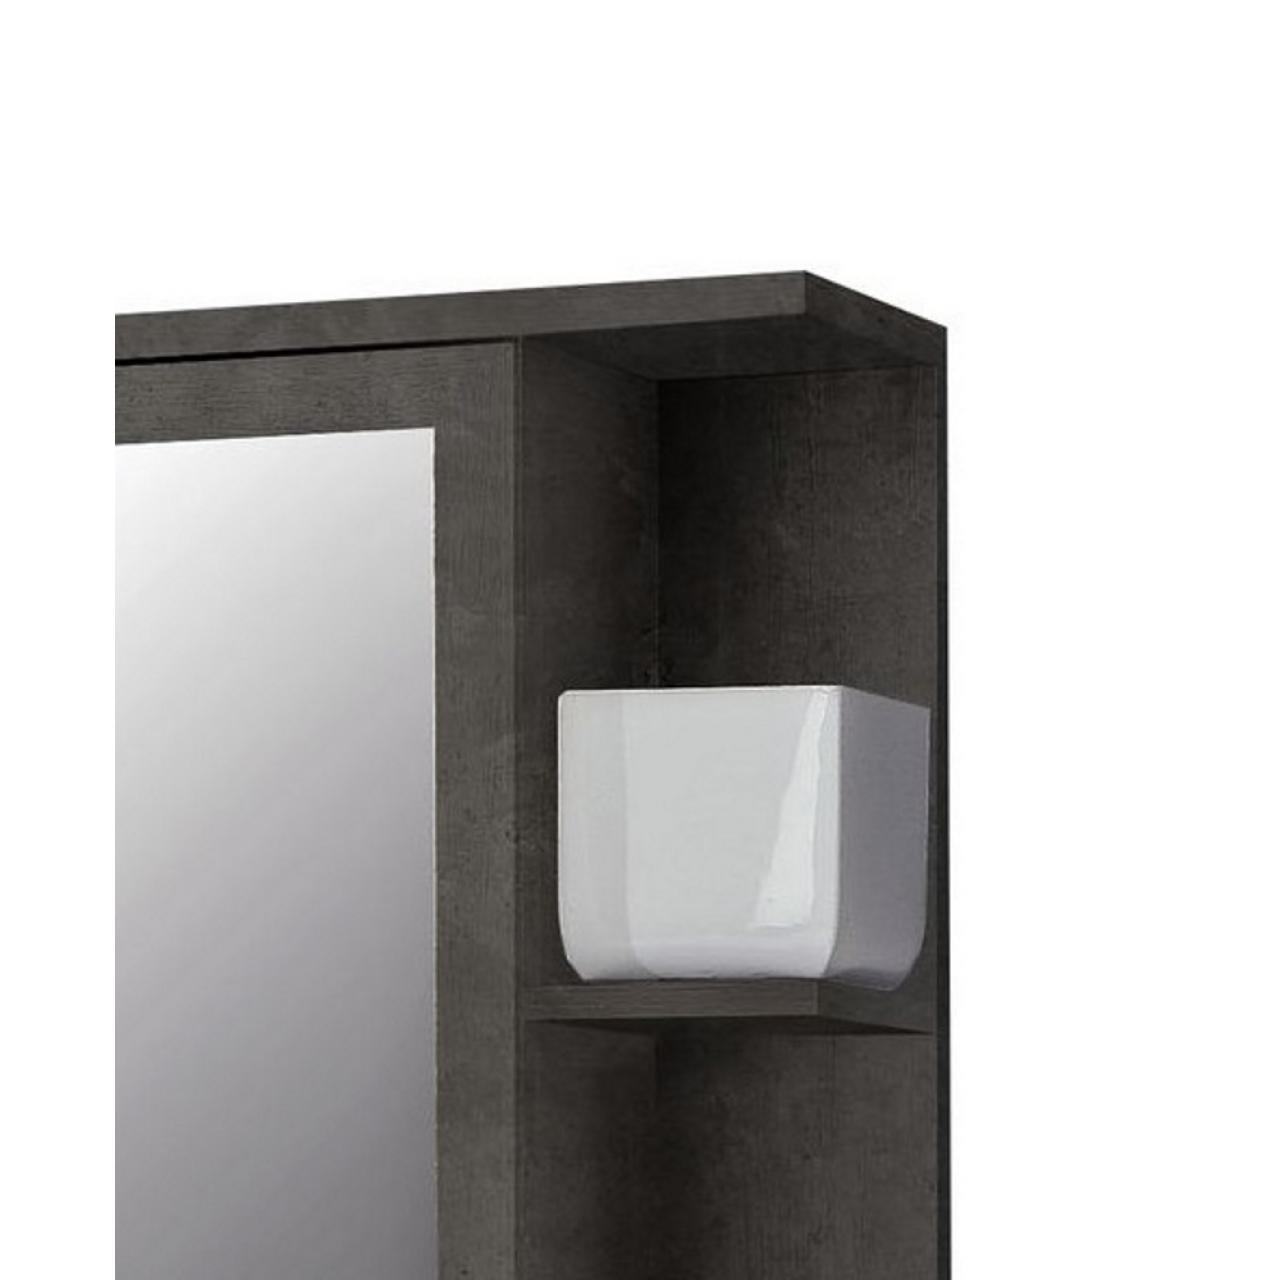 Spiegelschrank Champ Badmöbel Beton Optik mit Ablage